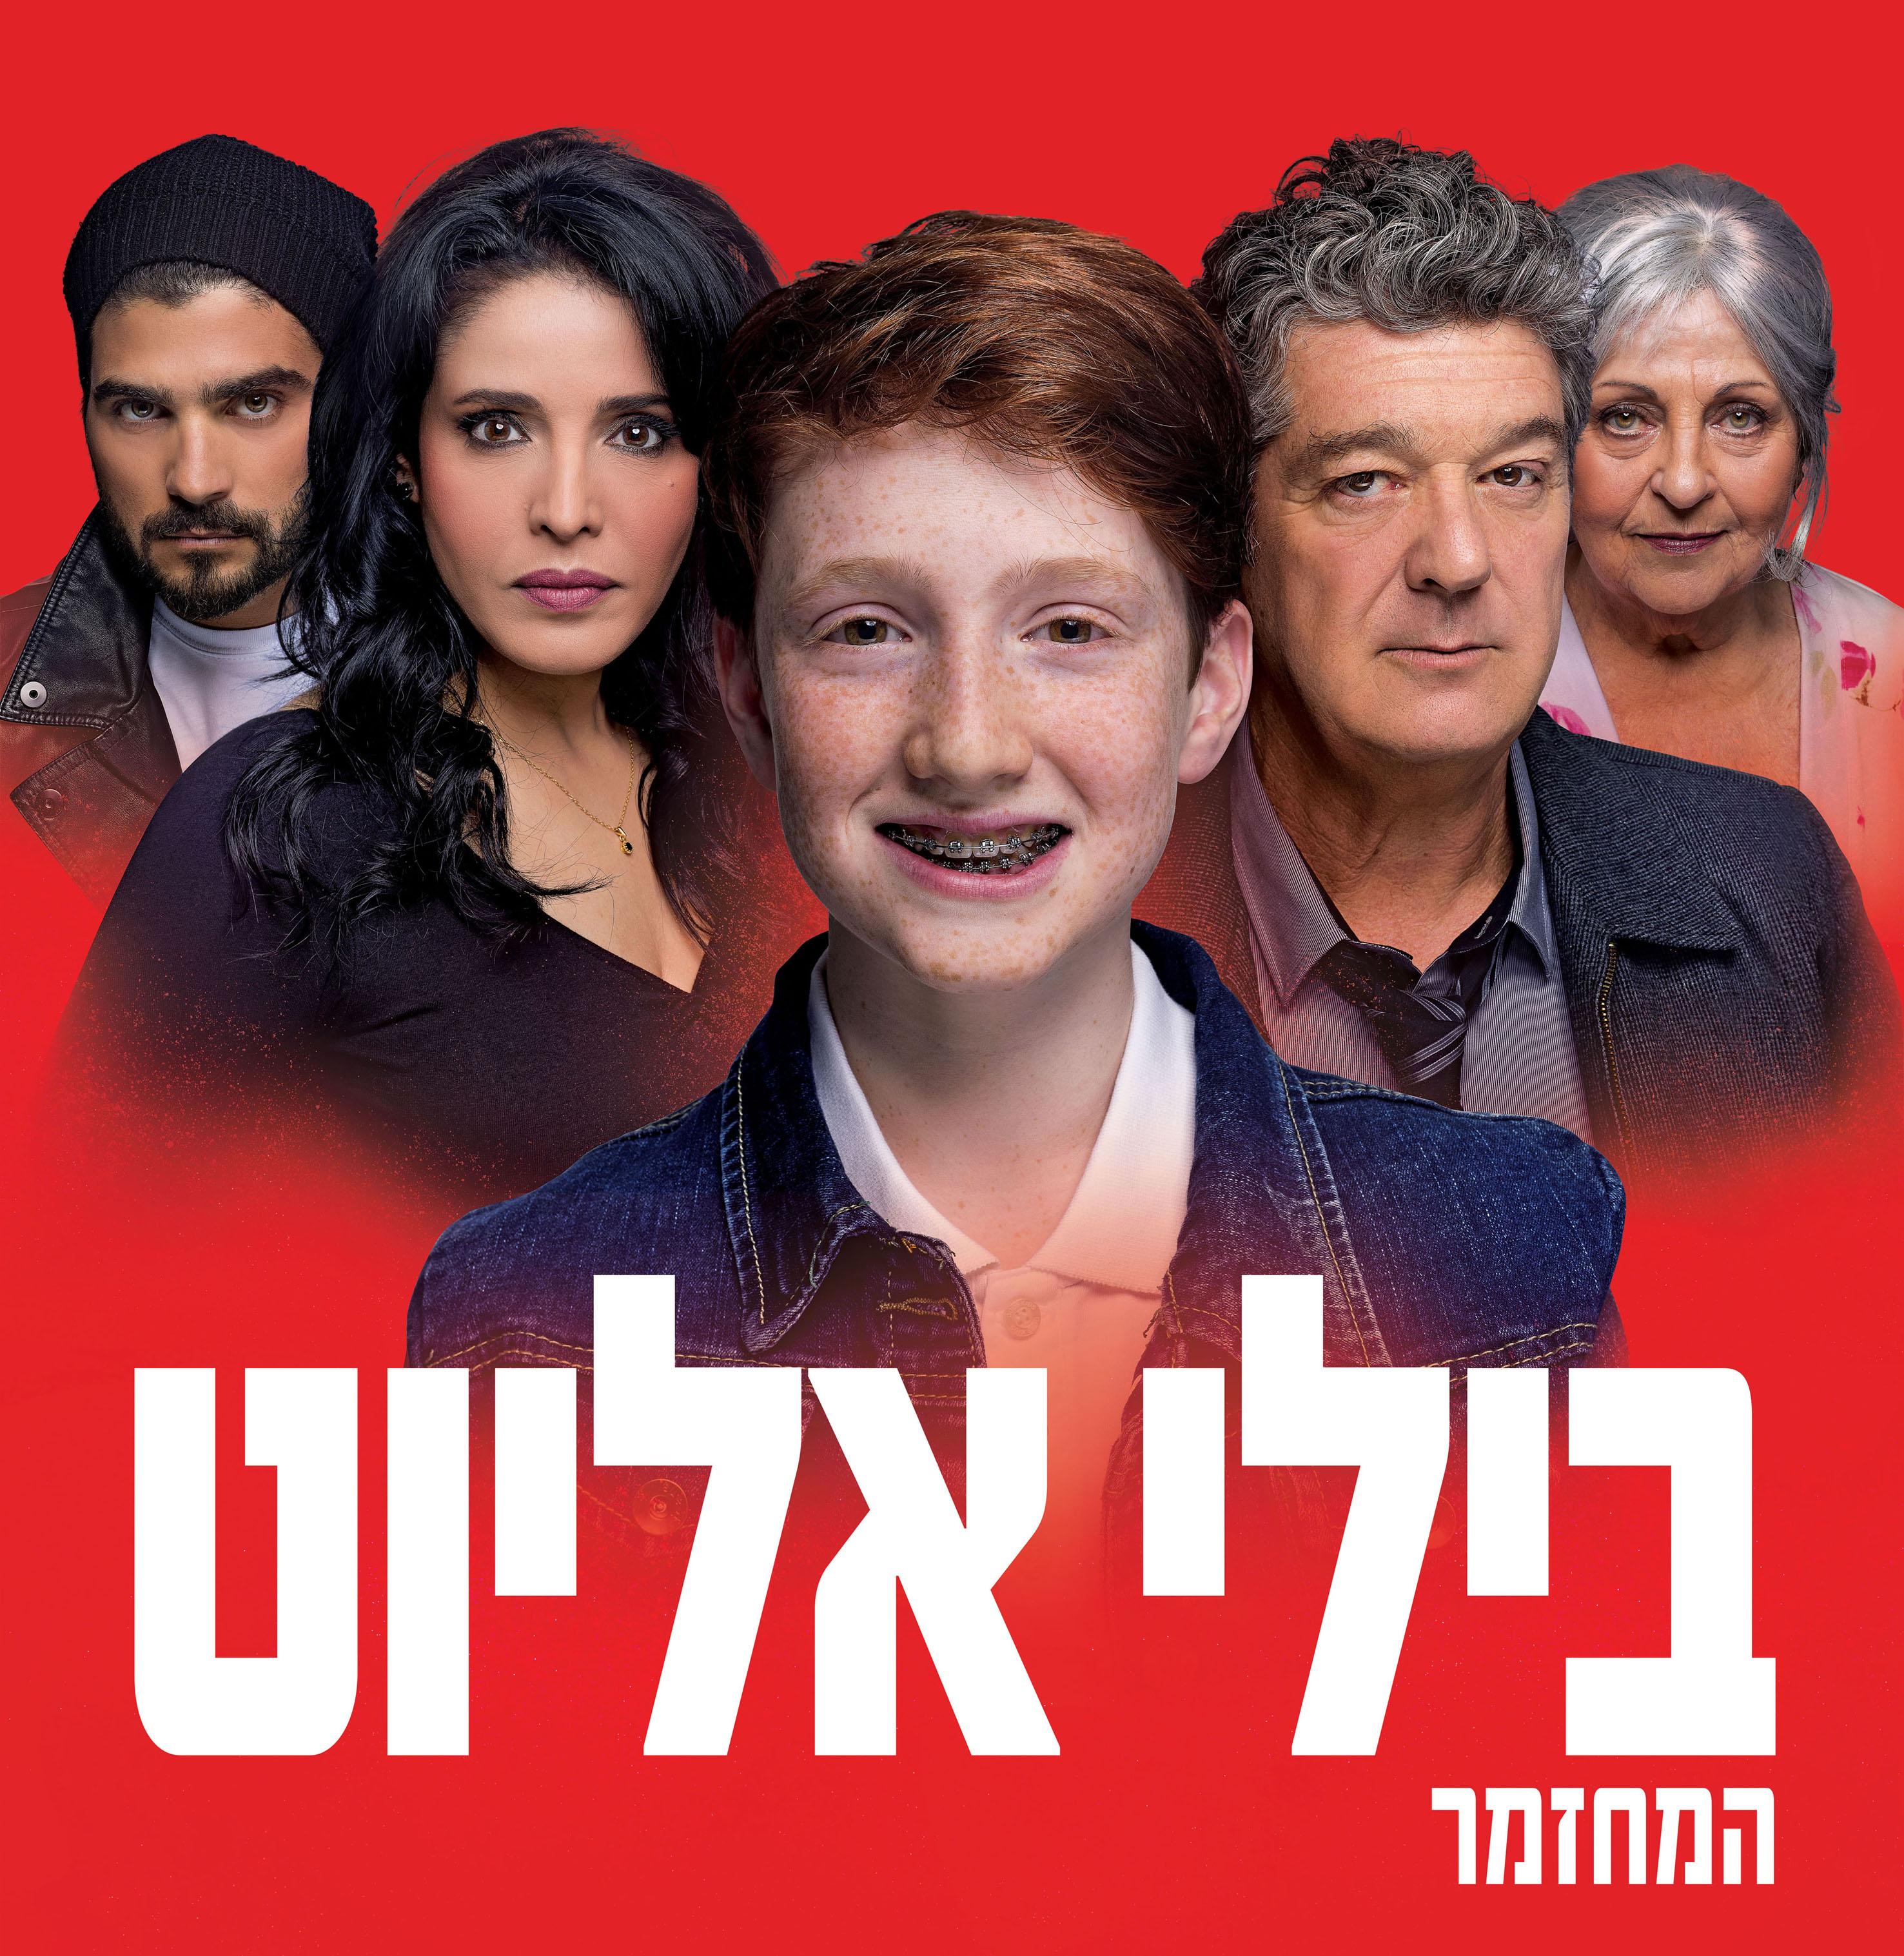 Мюзикл «Билли Эллиот» в Израиле – дополнительные спектакли в Тель-Авиве во второй половине августа